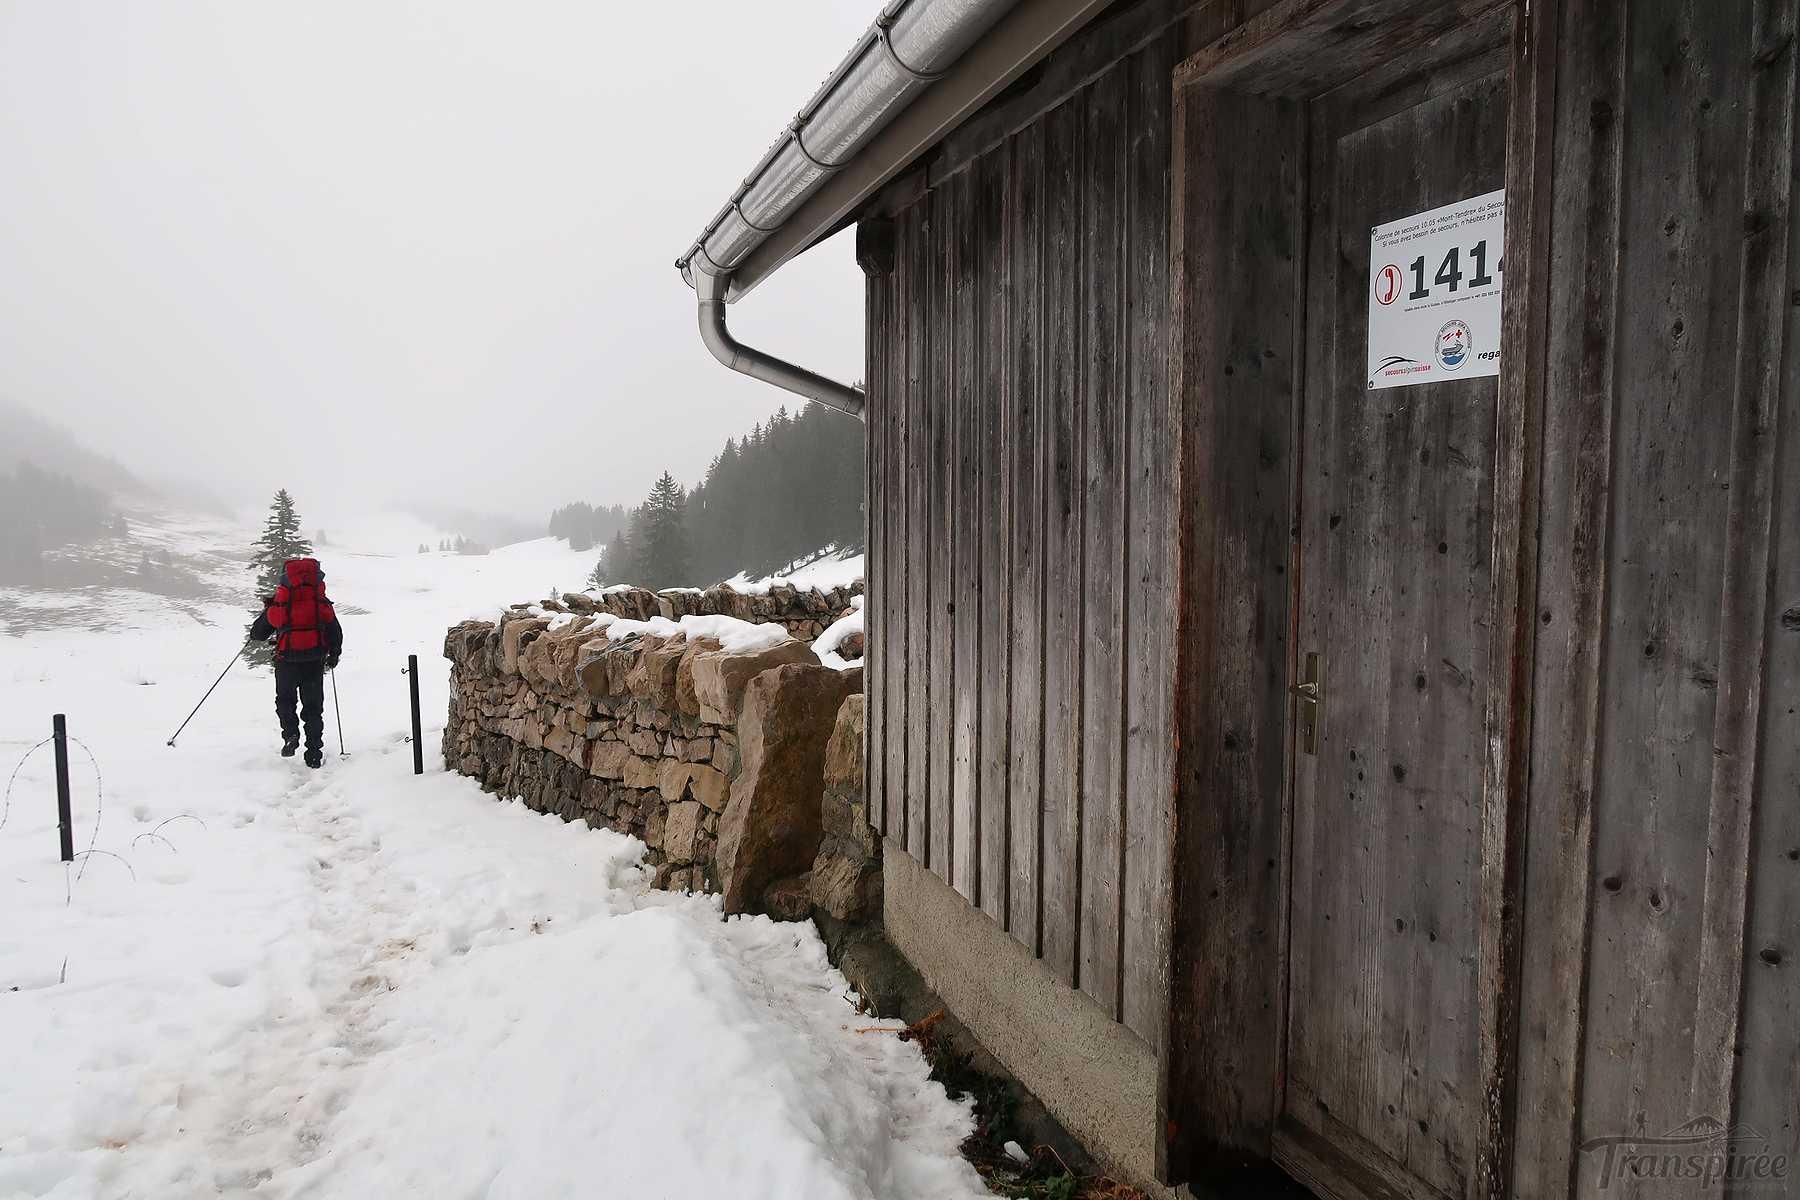 Randonnée dans la combe des Amburnex depuis le chalet des électriciens. Retour au col du Marchairuz